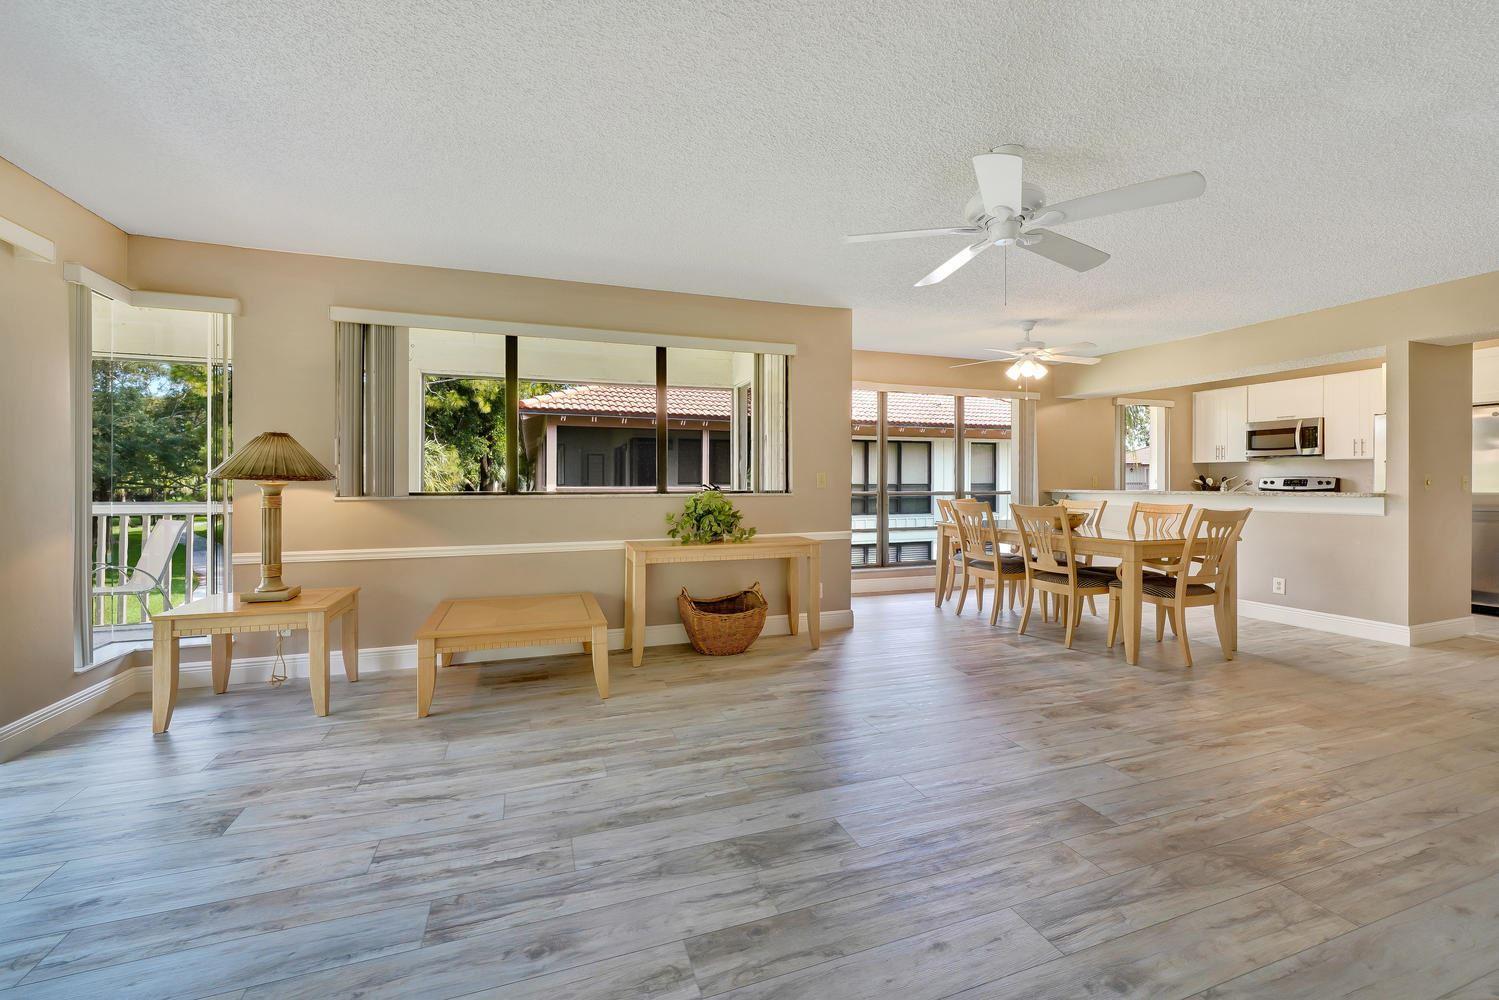 Photo of 507 Brackenwood Place, Palm Beach Gardens, FL 33418 (MLS # RX-10624114)